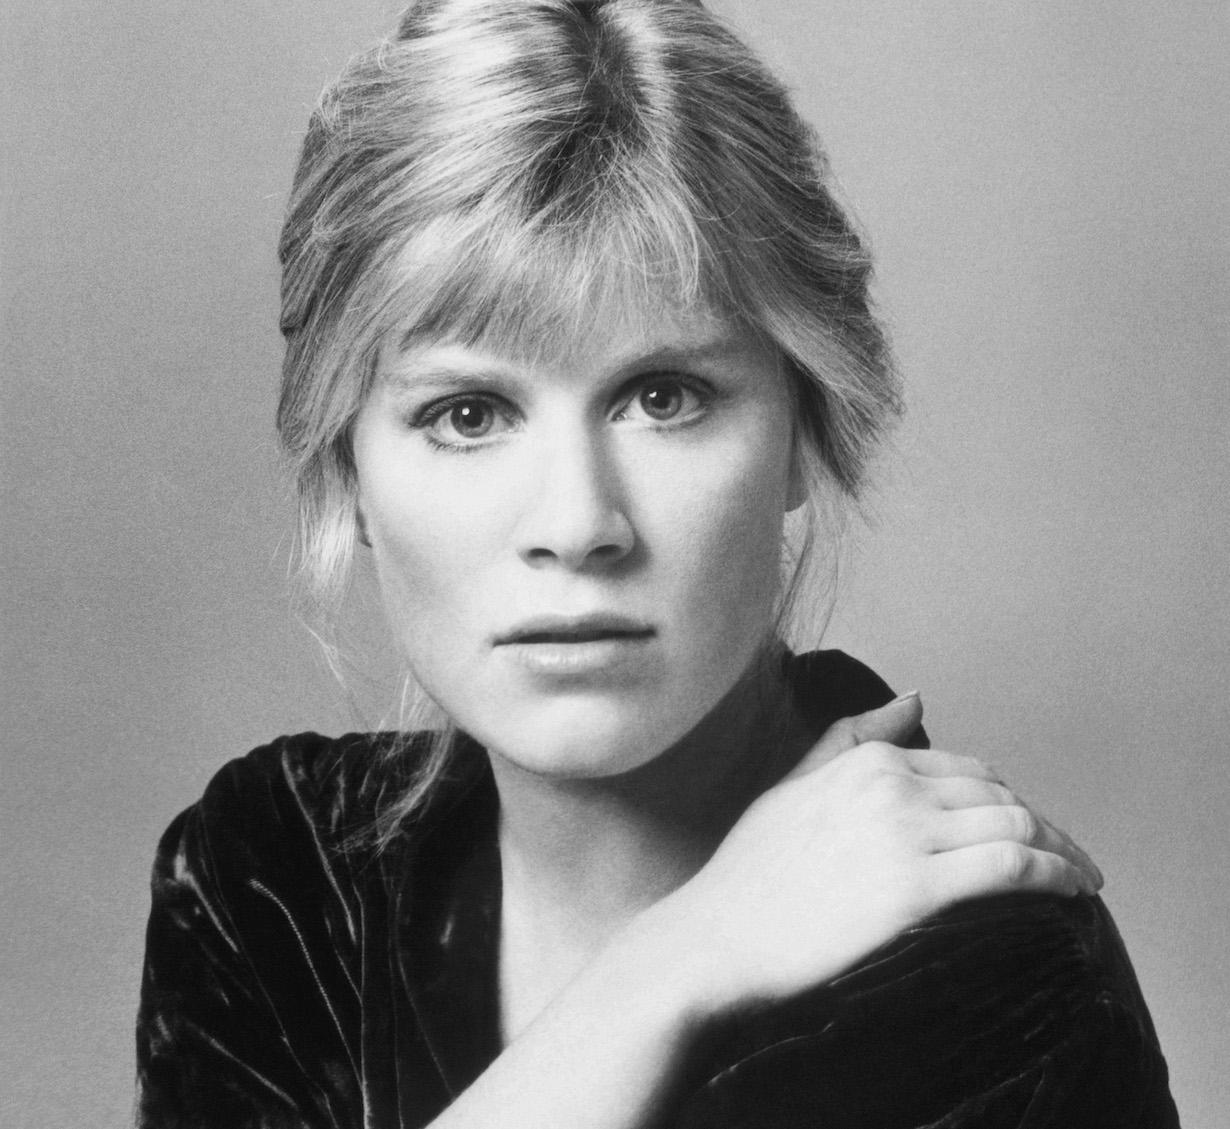 RYAN'S HOPE, Ilene Kristen (ca. 1978), 1975-89.